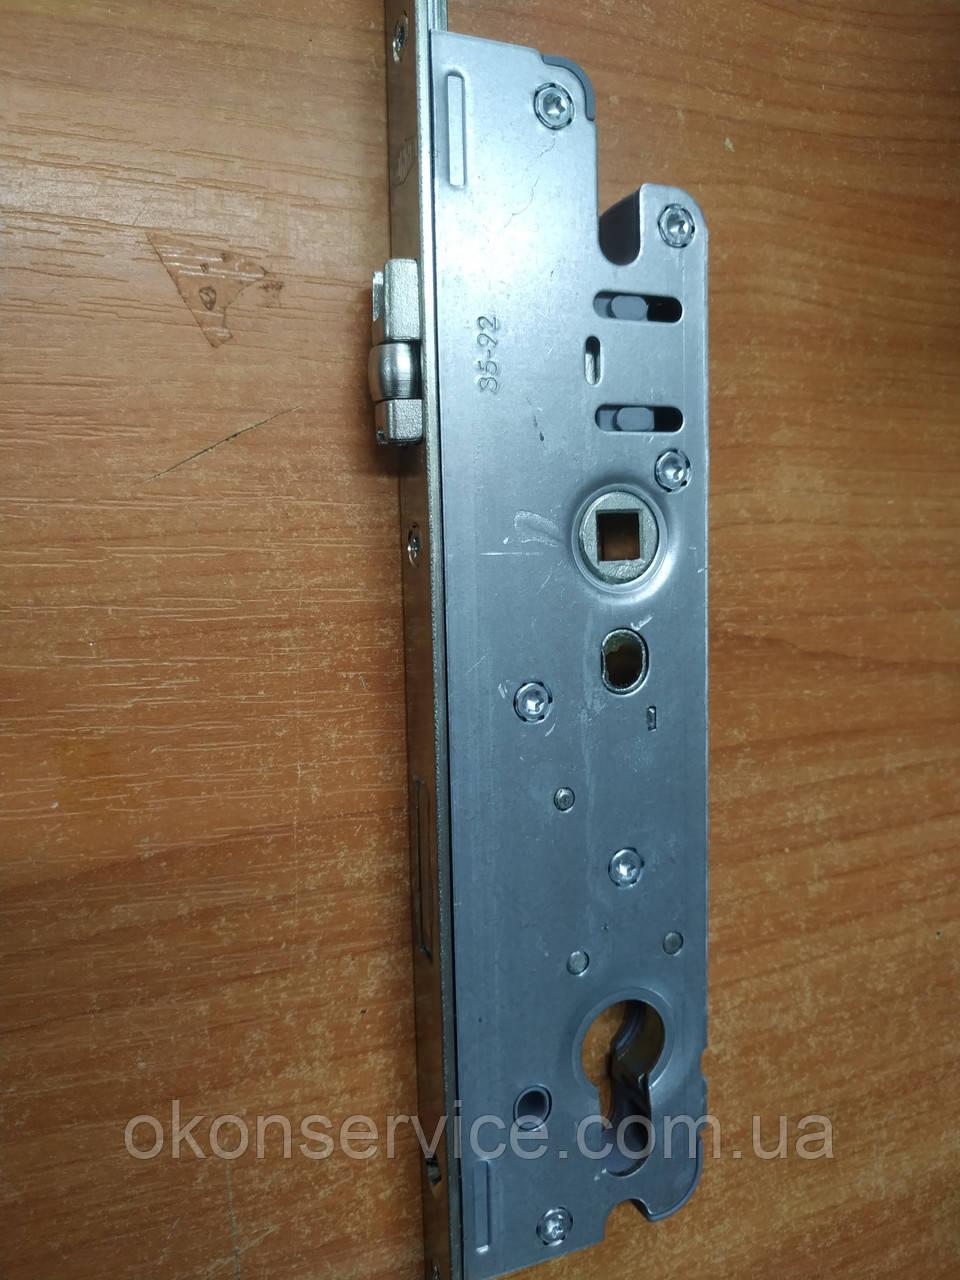 Замок рейка Ворне 35/92/2200 замикання від ключа,ролик